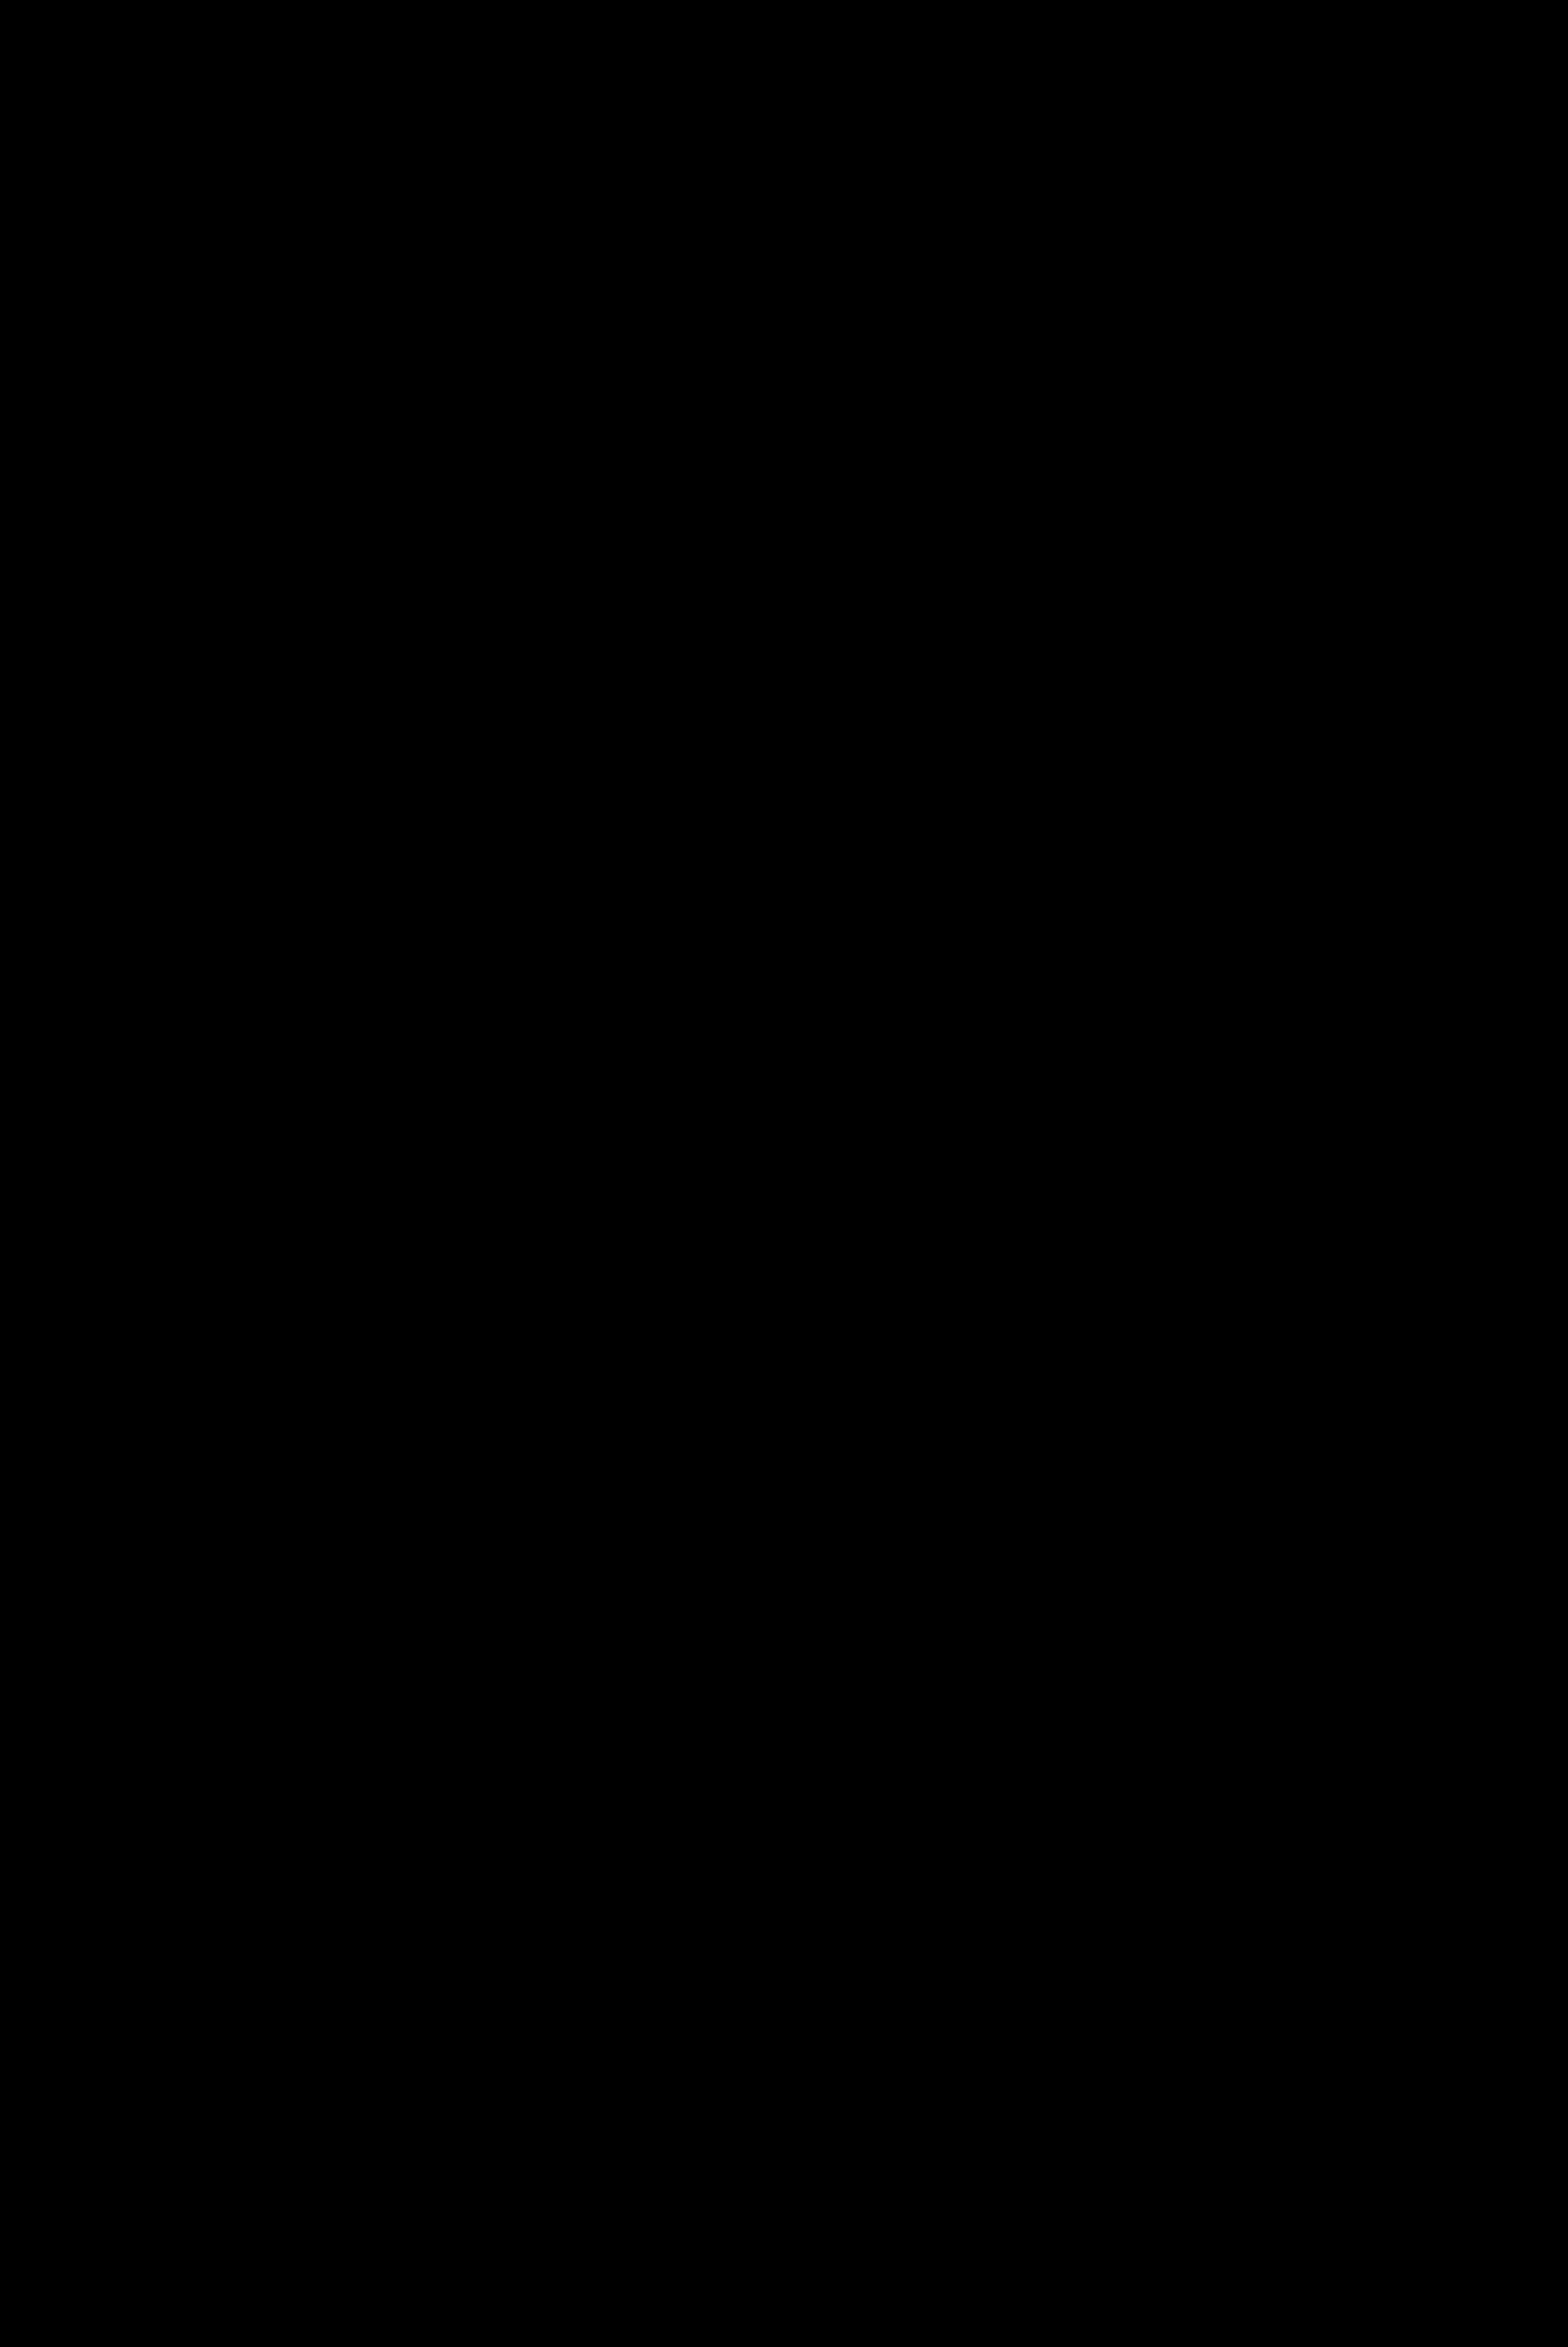 Directie Zenkeldamshoek